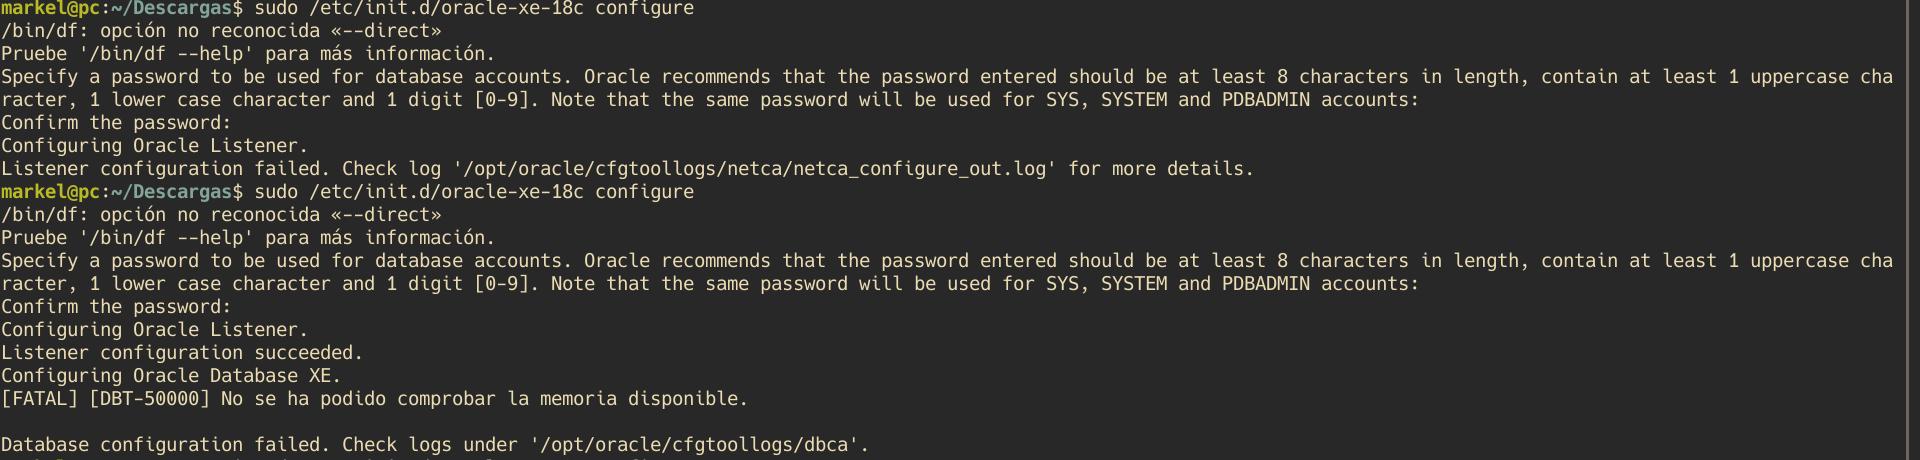 Error al ejecutar la configuración de Oracle Database 18c